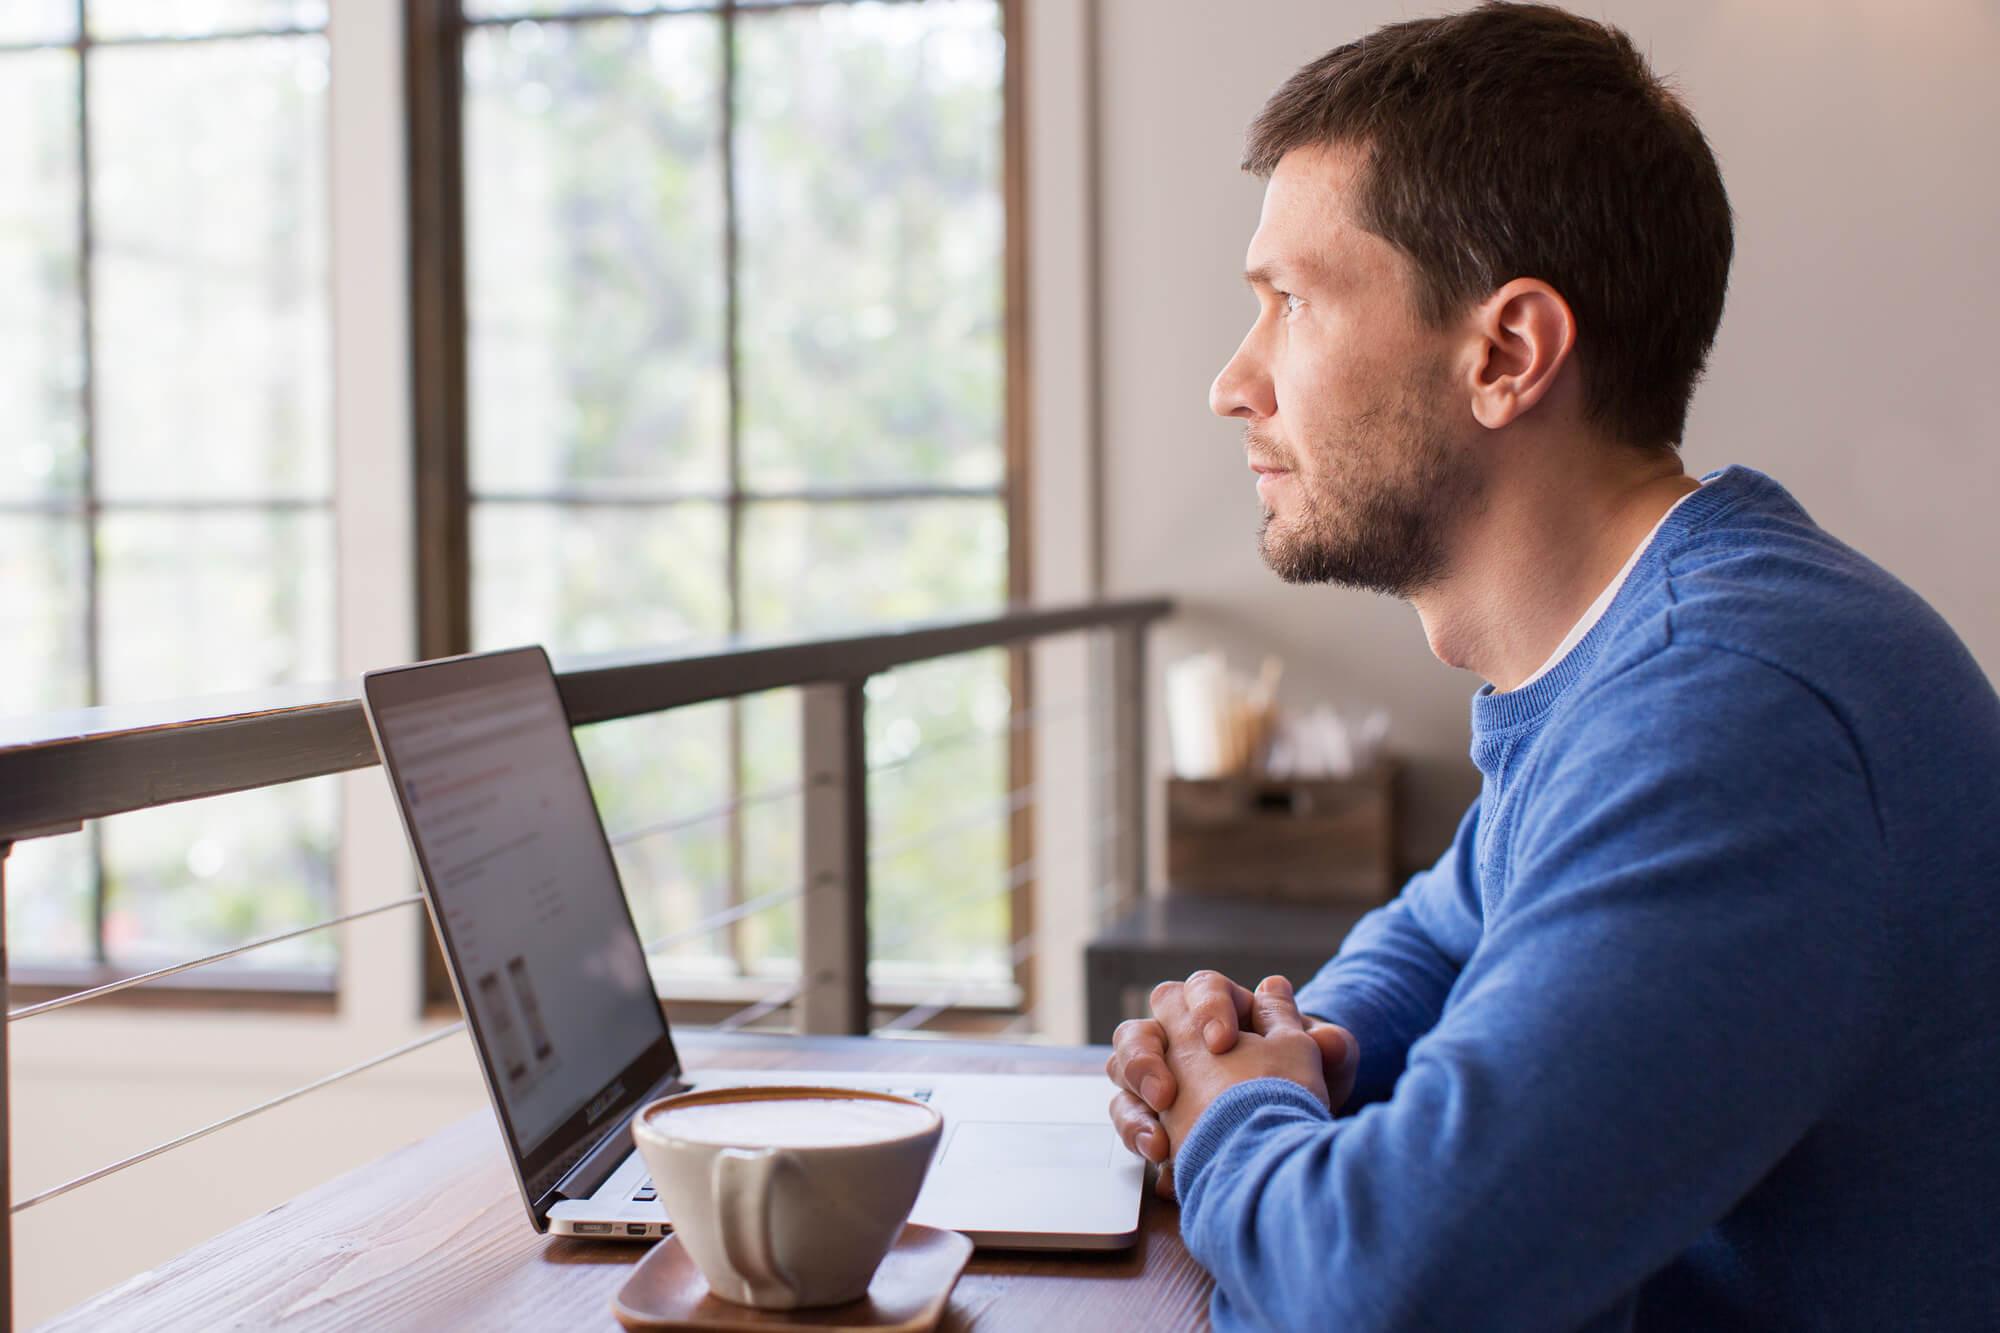 Homem-na-frente-nafrente-do-computador-trabalhando-bebendo-café-em-casa-emcasa-pensando-em-melhorar-o-sistema-osistema-de-gestão-da-fabrica-trazendo-benefícios-e-melhorias-na=fábrica-de-móveis